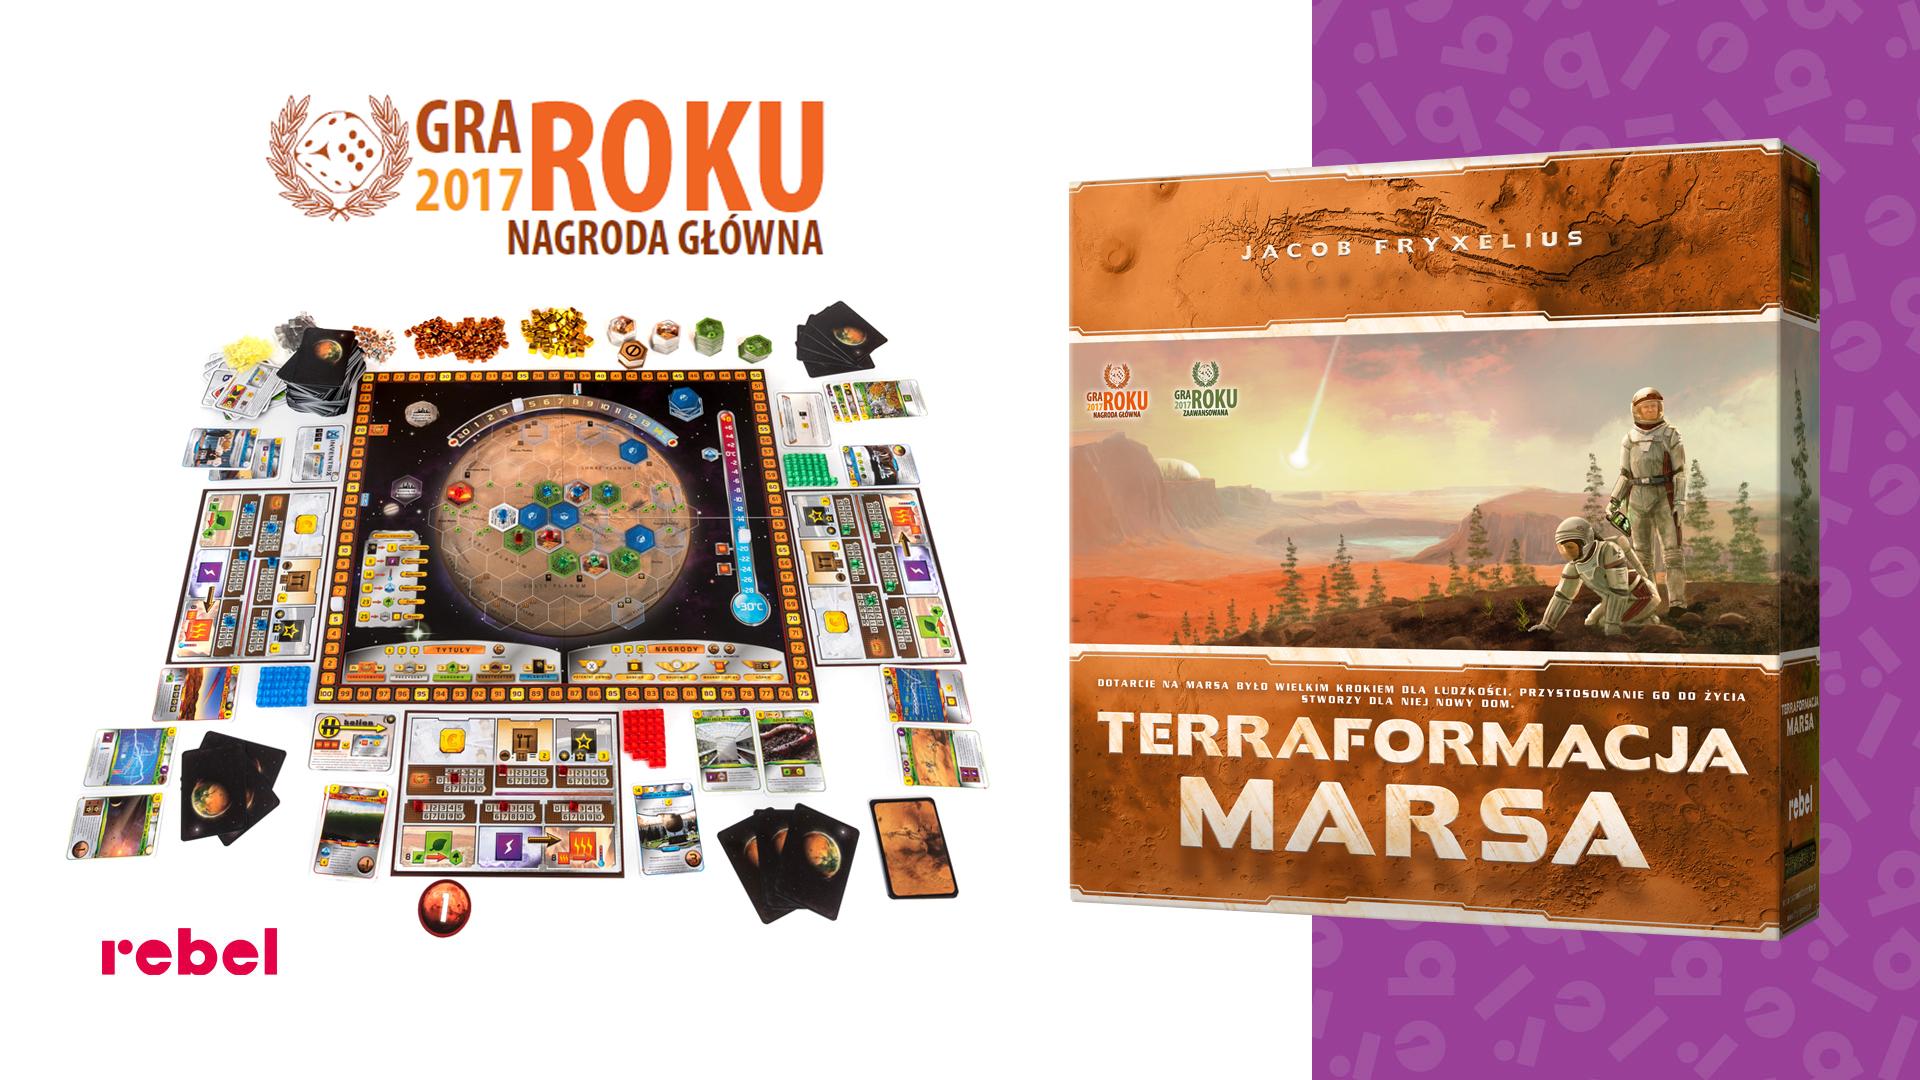 Logo Gra roku 2017 dla gry planszowej Terraformacja Marsa